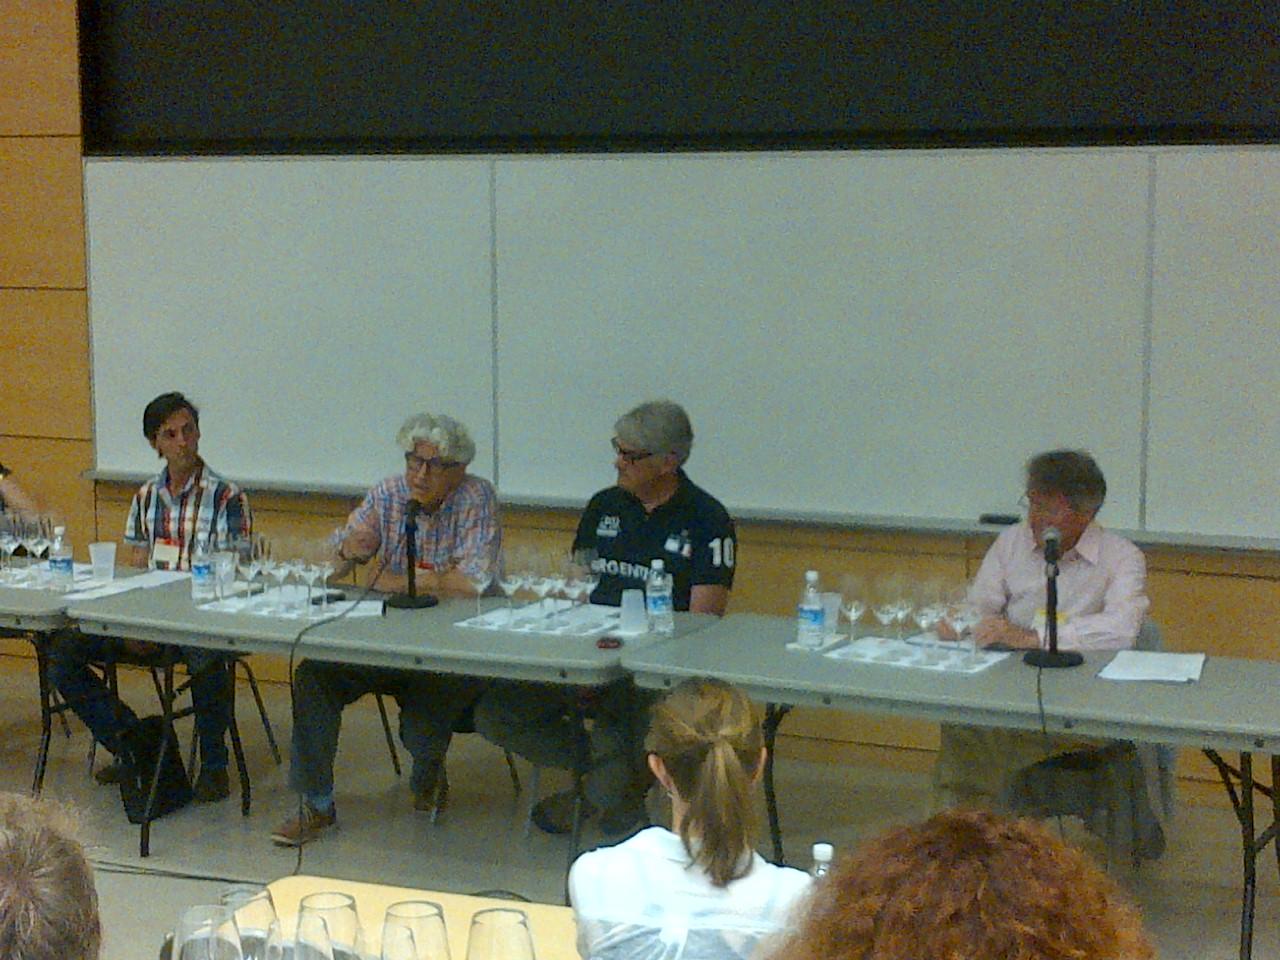 Pannel: Marimar Torres, Francois Morrisette, Jacques Lardiere, Thomas Bachelder and moderator Steven Spurrier.